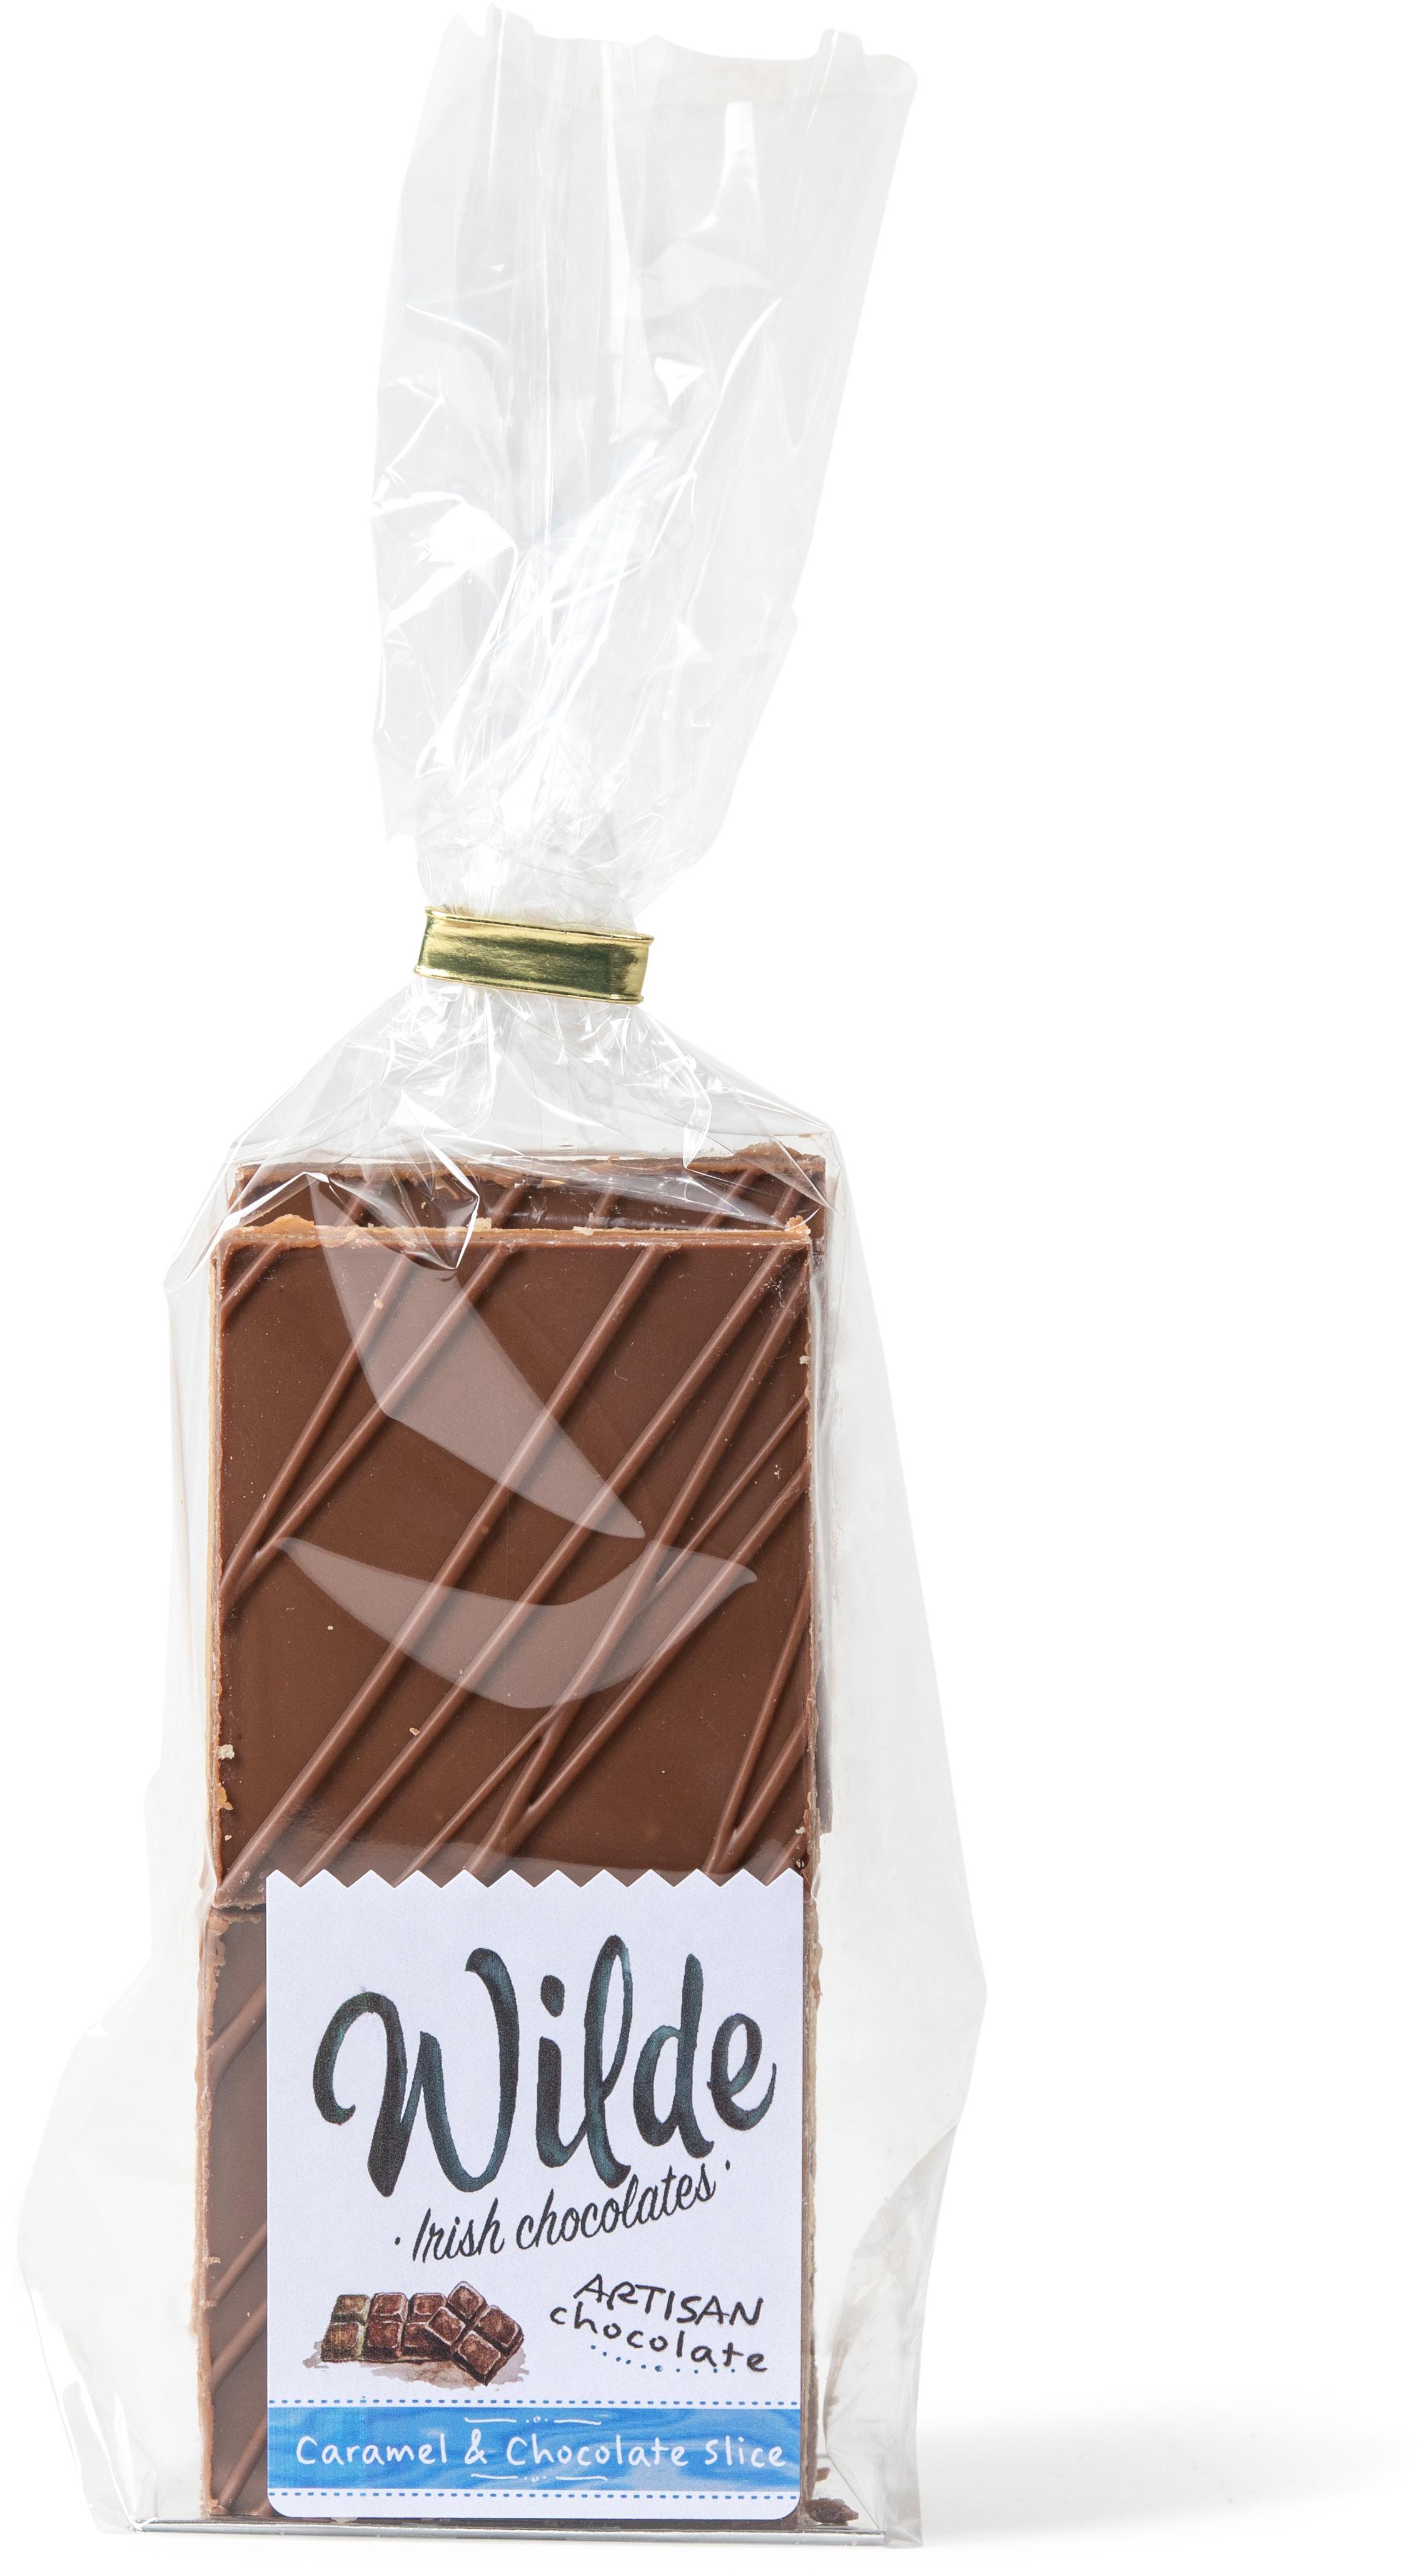 Wilde Irish Chocolates - buy chocolate slice in Ireland